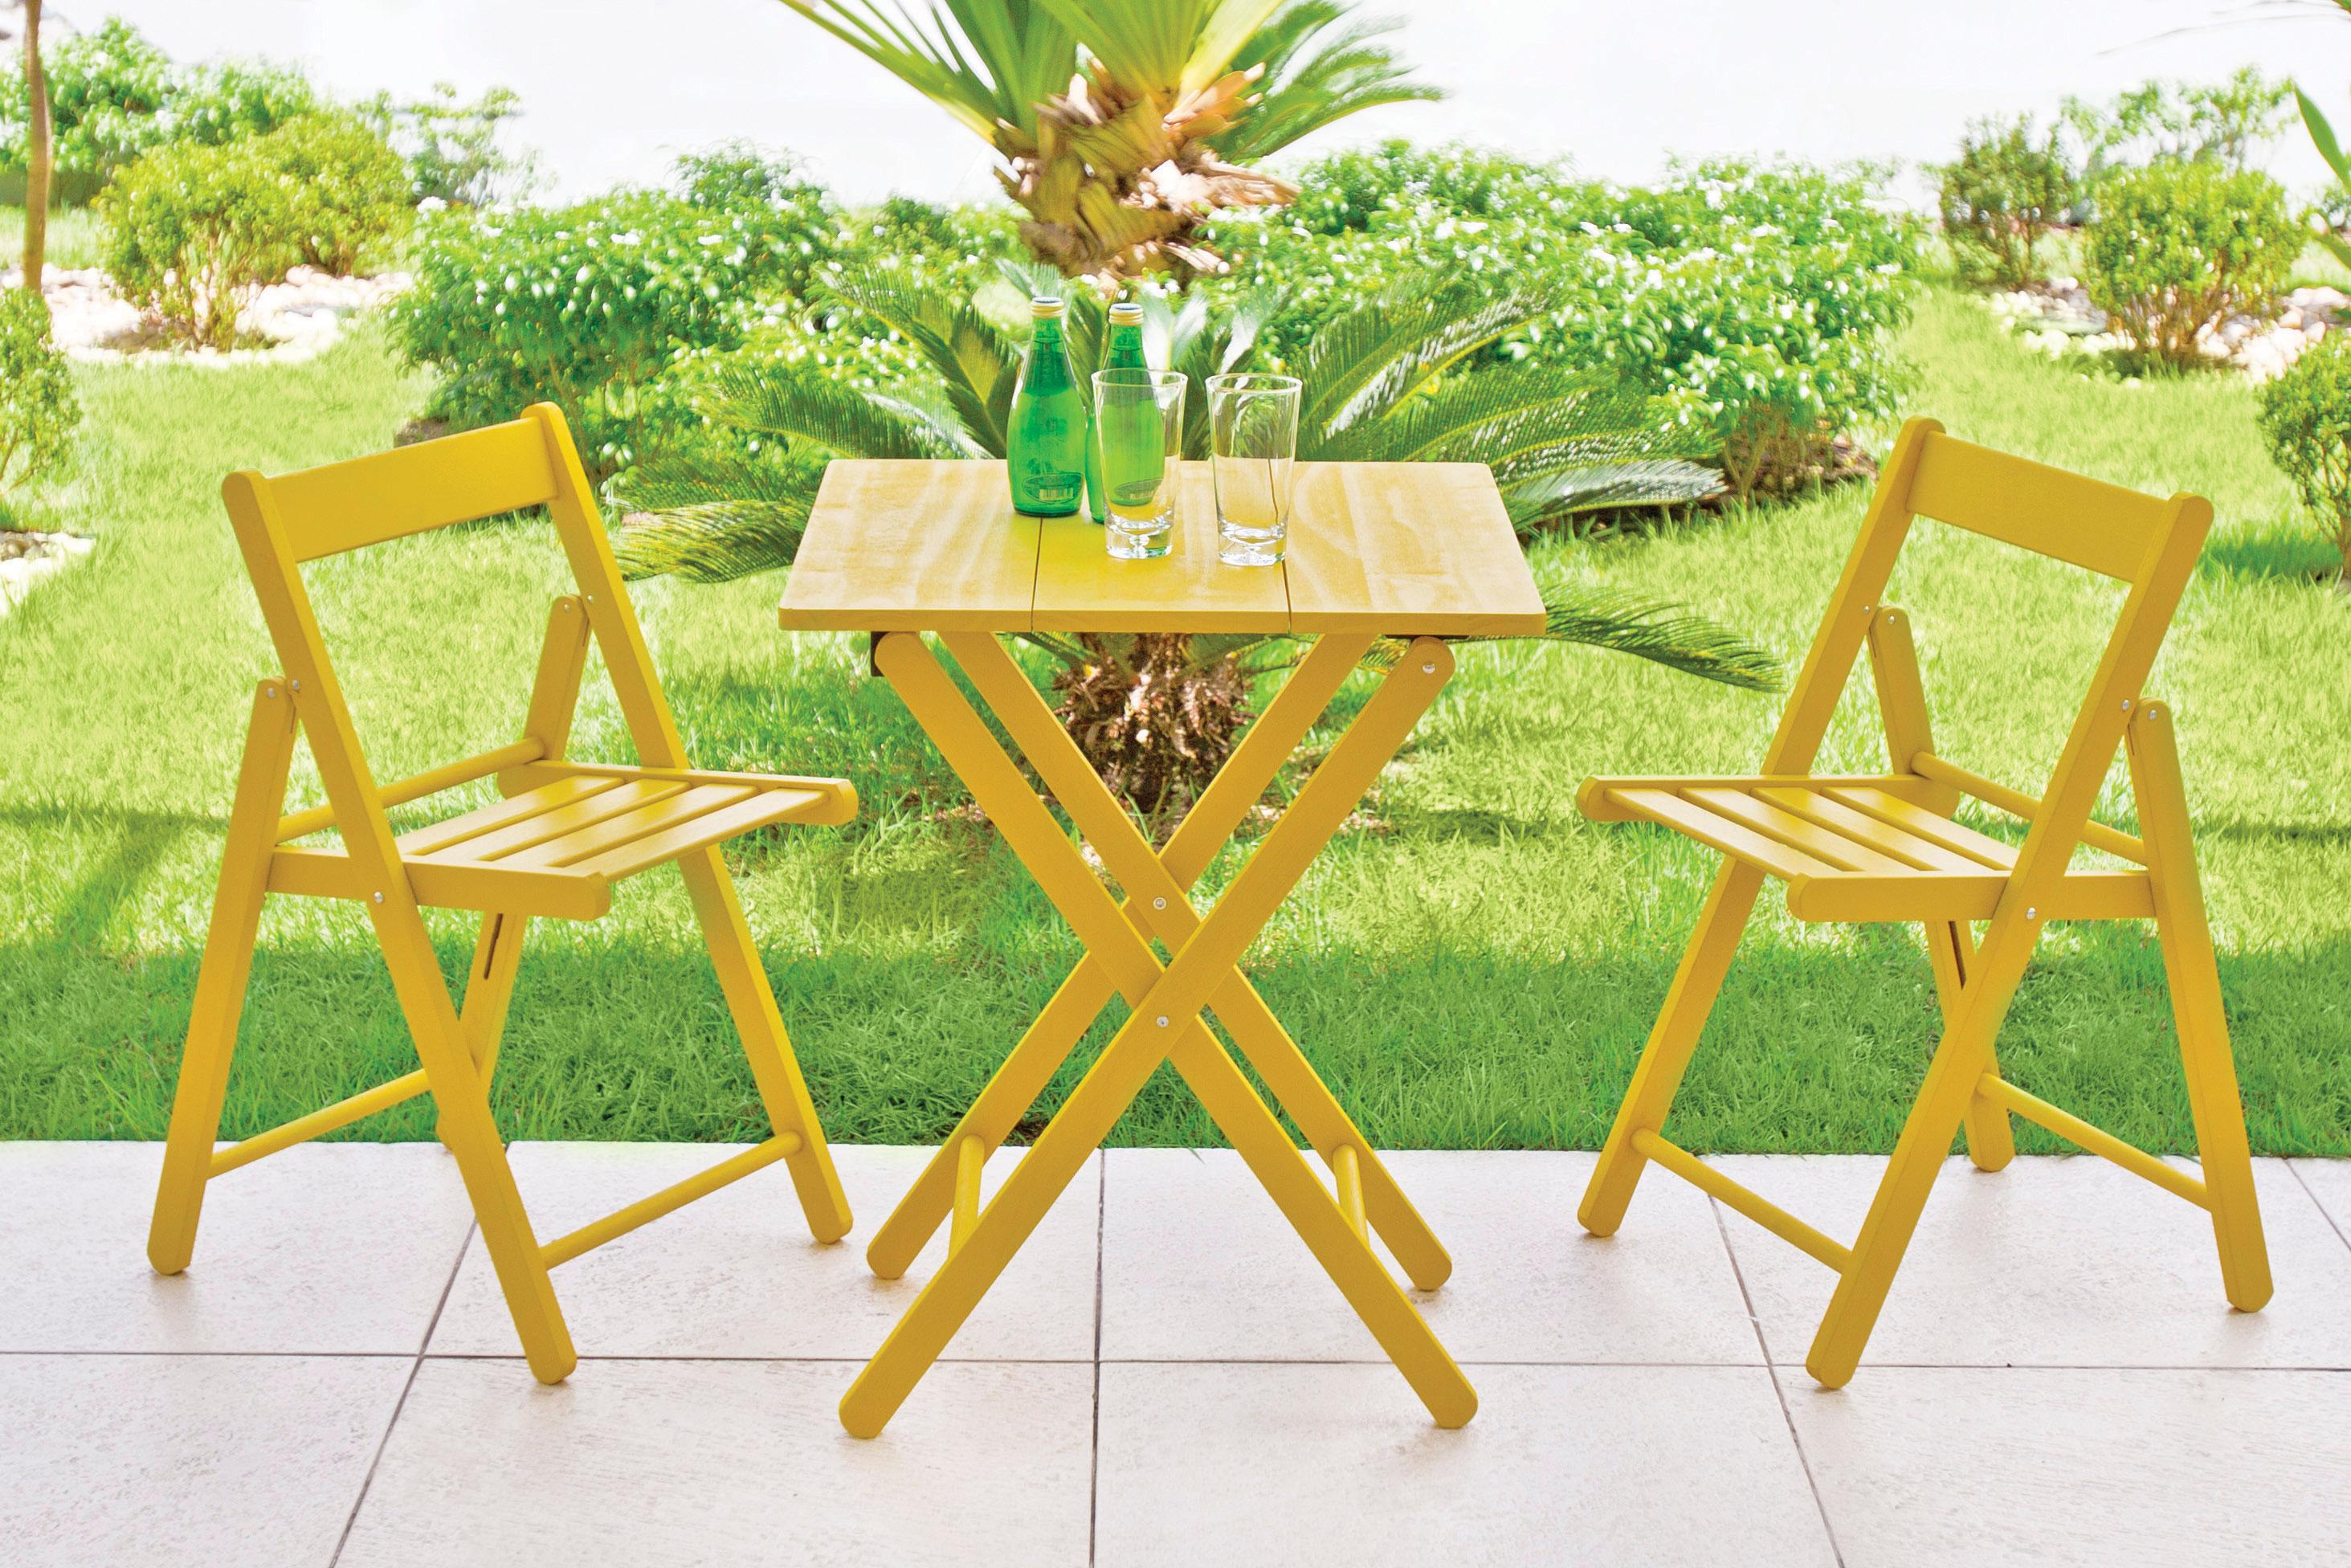 Mesas de centro baratas leroy merlin great great mesas de for Patas muebles leroy merlin